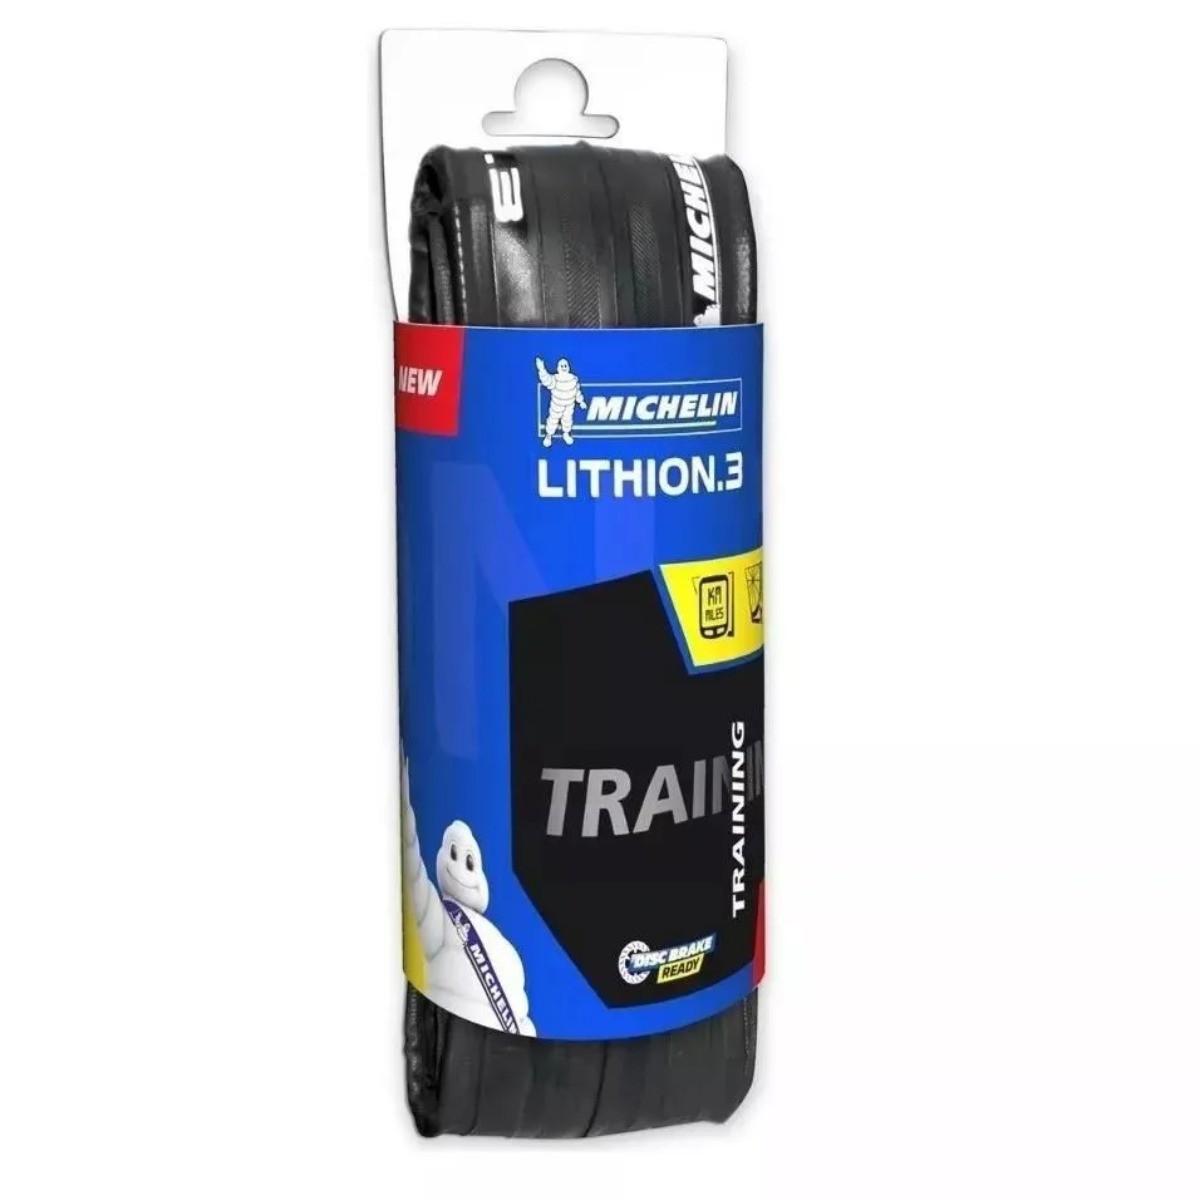 Pneu Bike Speed Lithion 3 Michelin 700x25 Kevlar